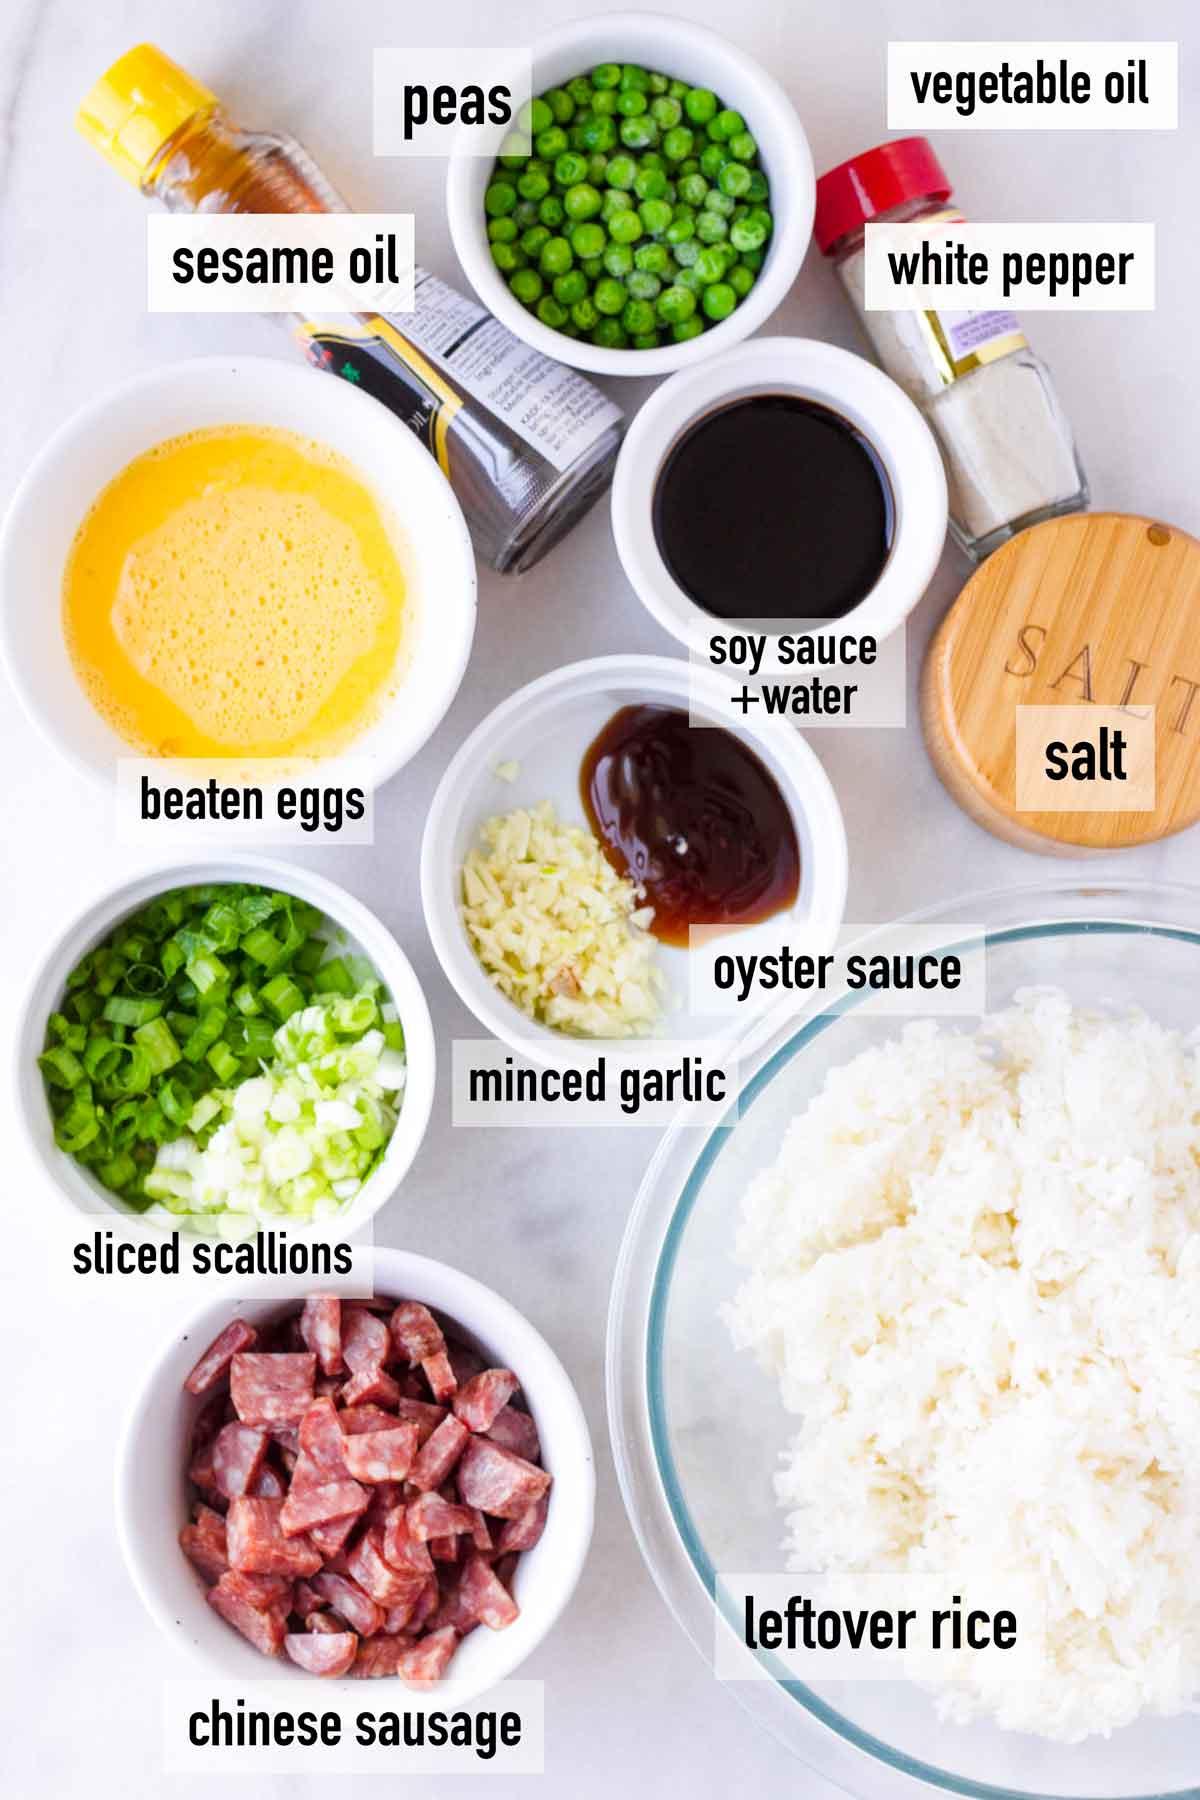 labeled ingredients to make sausage stir fry